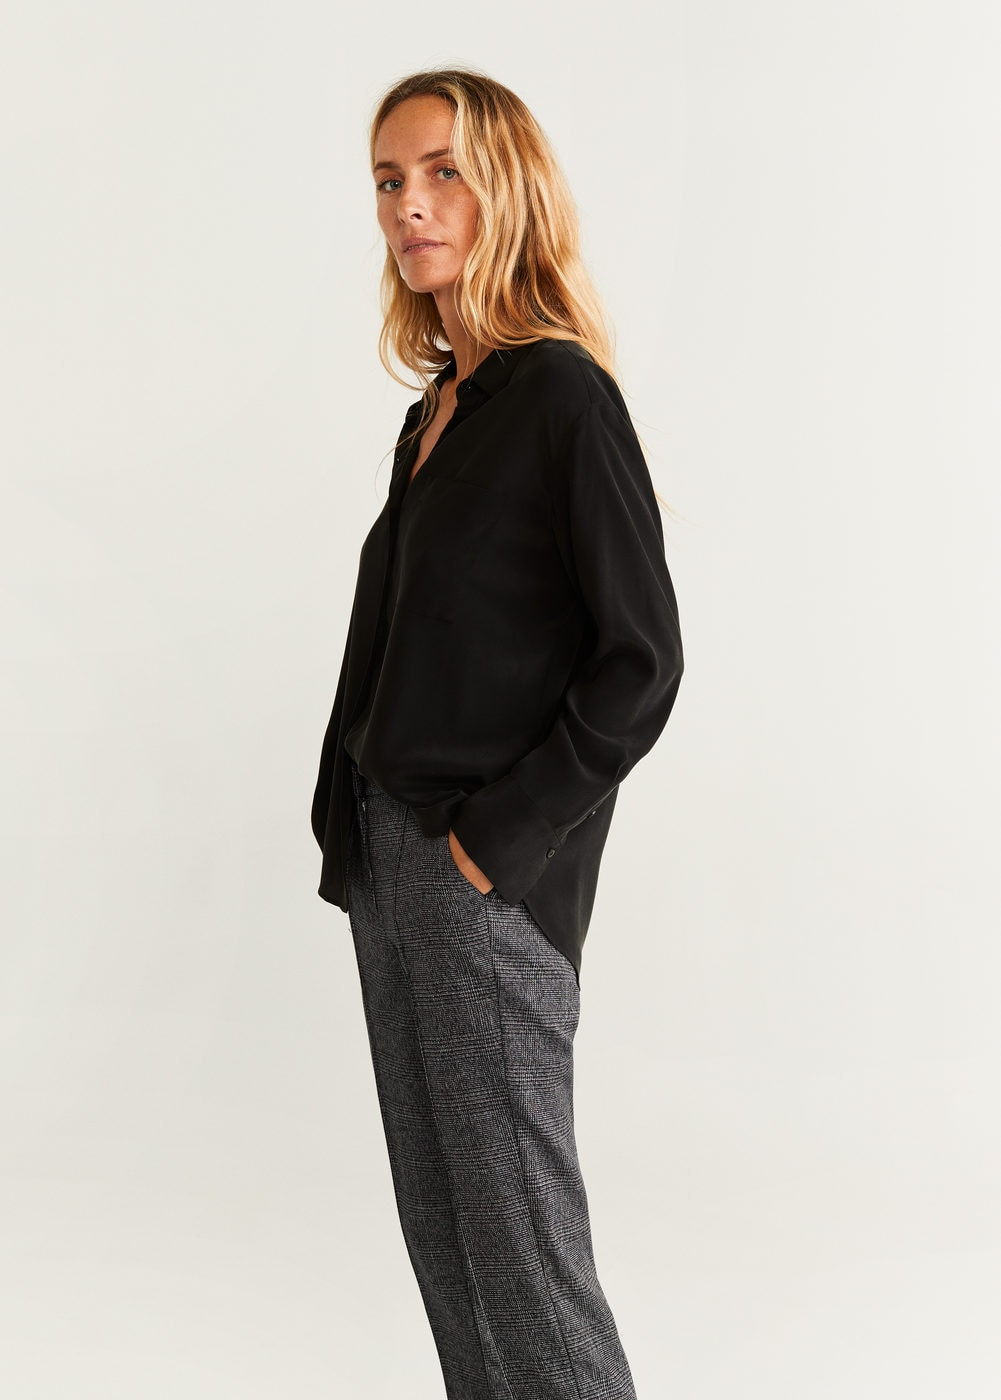 Straight long pants - Women | Mango USA